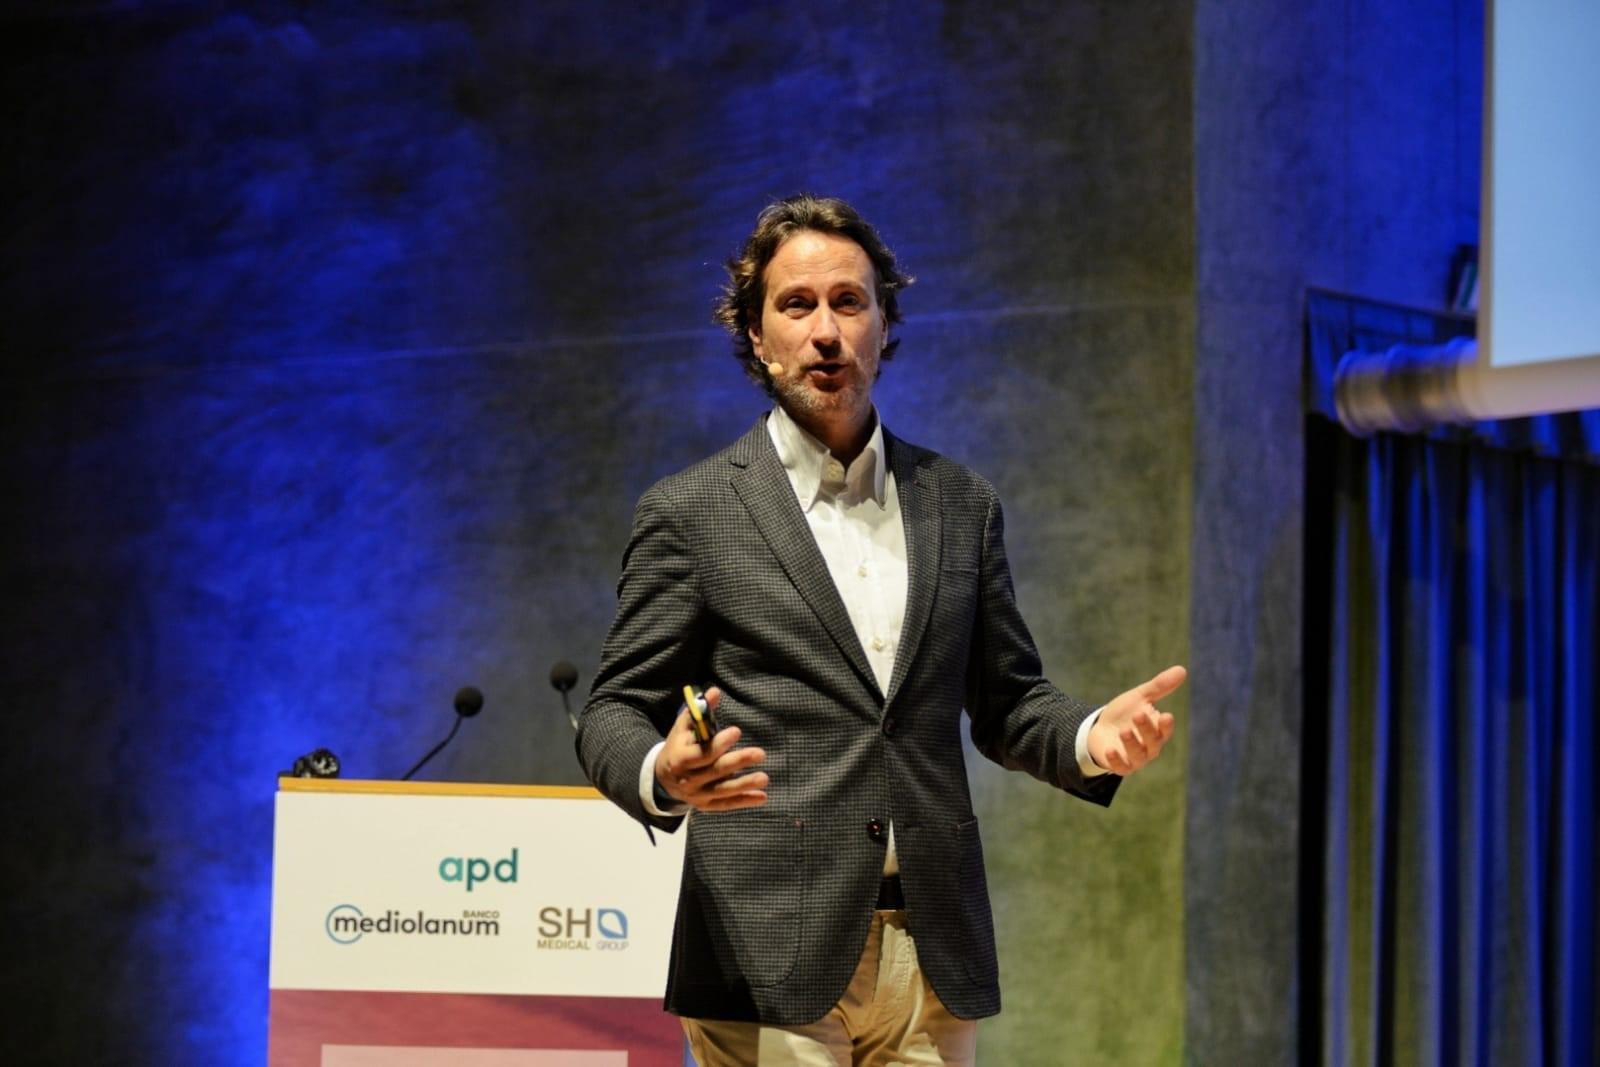 """Víctor Küppers: """"En un entorno tecnológico y digital a veces olvidamos la importancia de la calidad humana"""""""